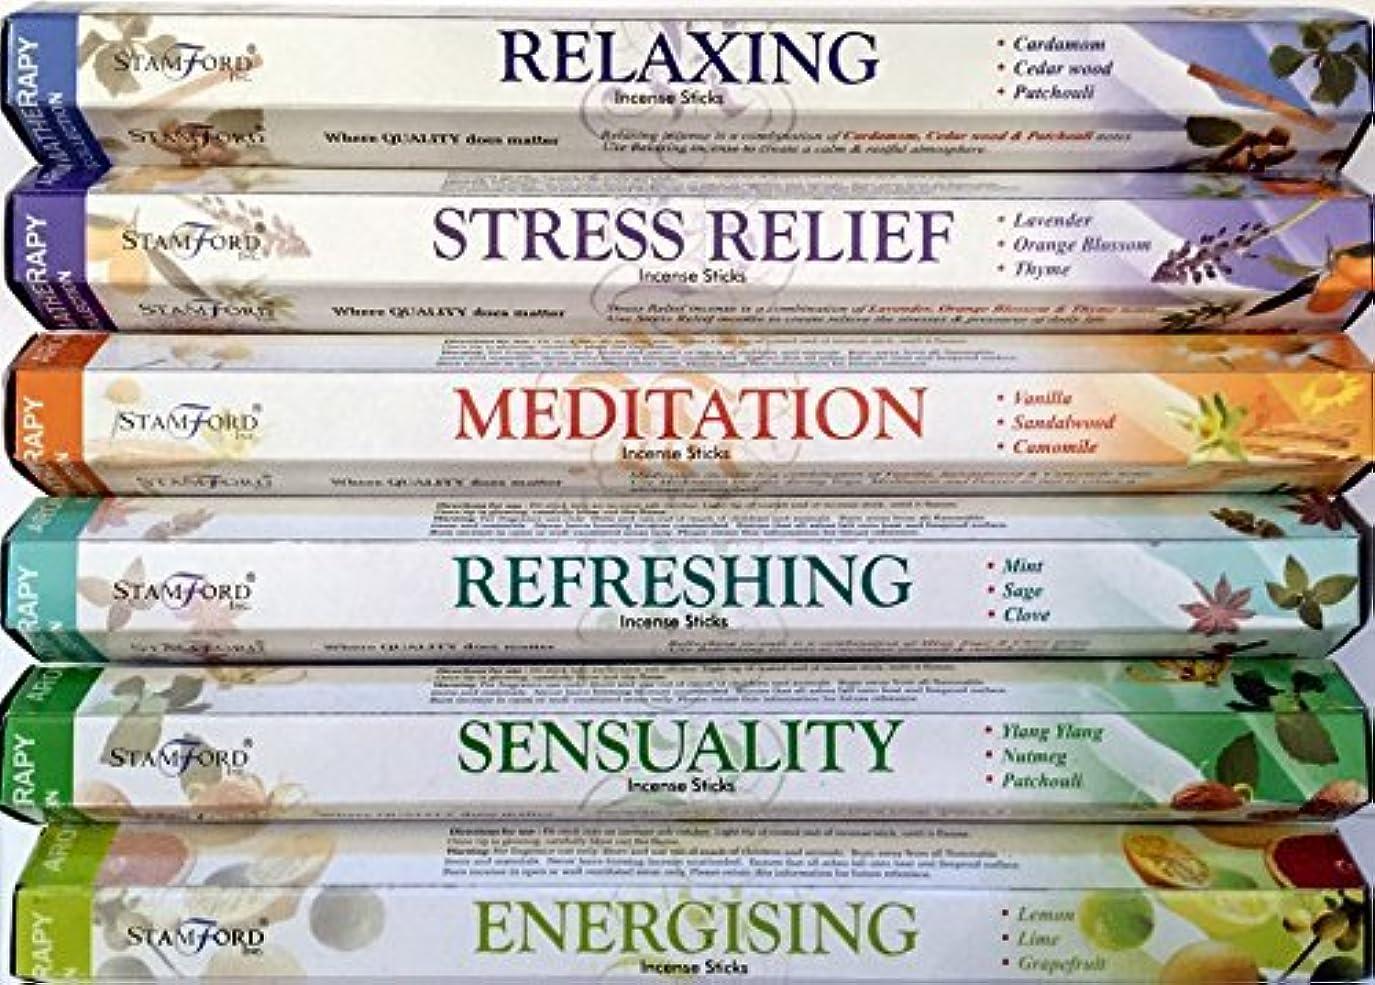 セッティングそのフラグラント120?SticksのStamfordプレミアムアロマセラピーHex範囲Incense Sticks?–?リラックス、ストレスリリーフ、瞑想、リフレッシュ、Sensuality & Energising Incense gift pack. by Stamford